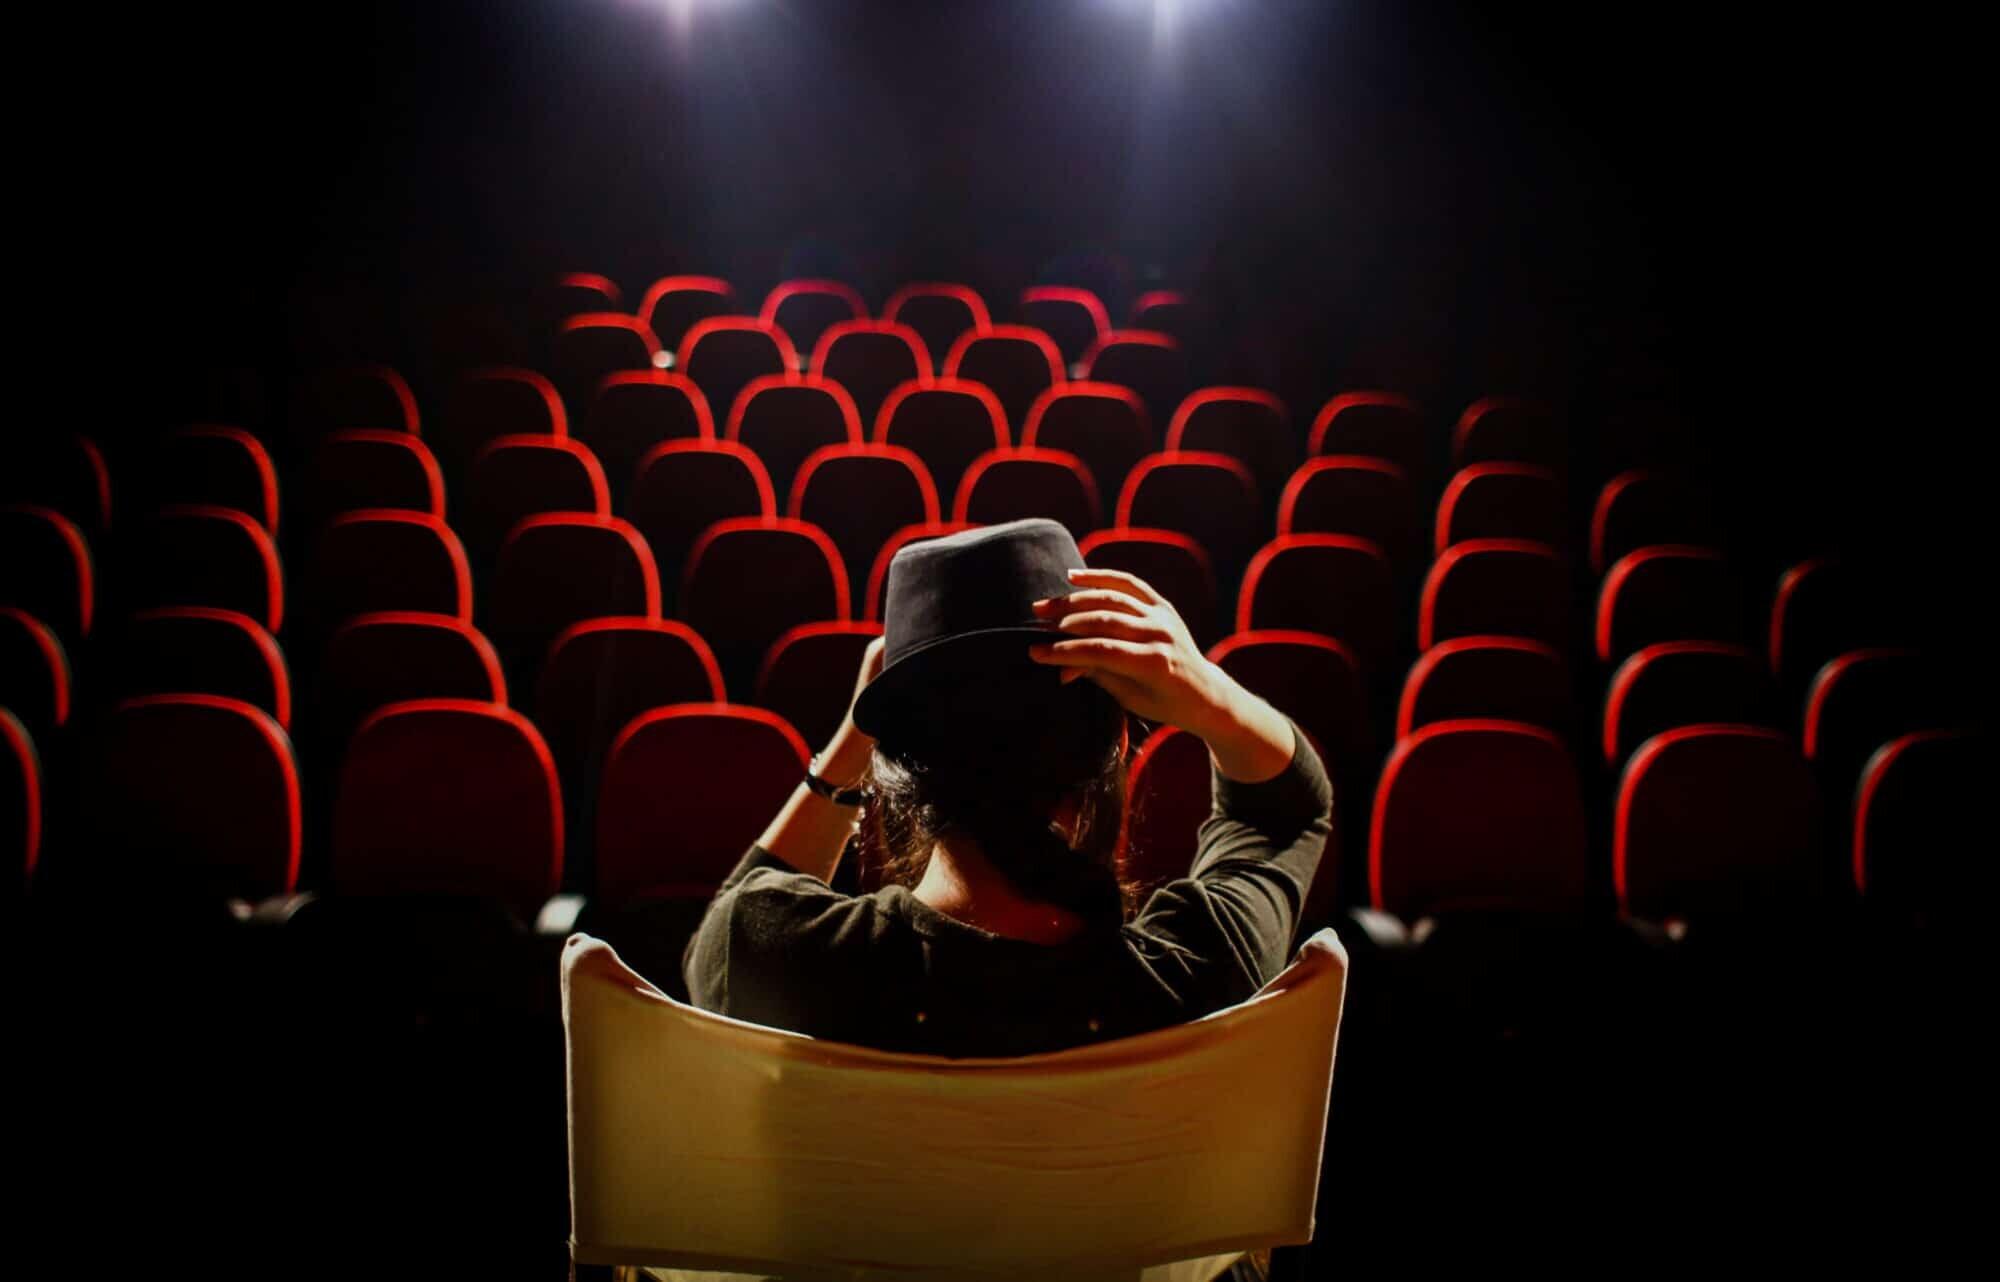 Giochiamo che ero la mia dipendenza: l'occasione dello Psicodramma | Dipendiamo.blog